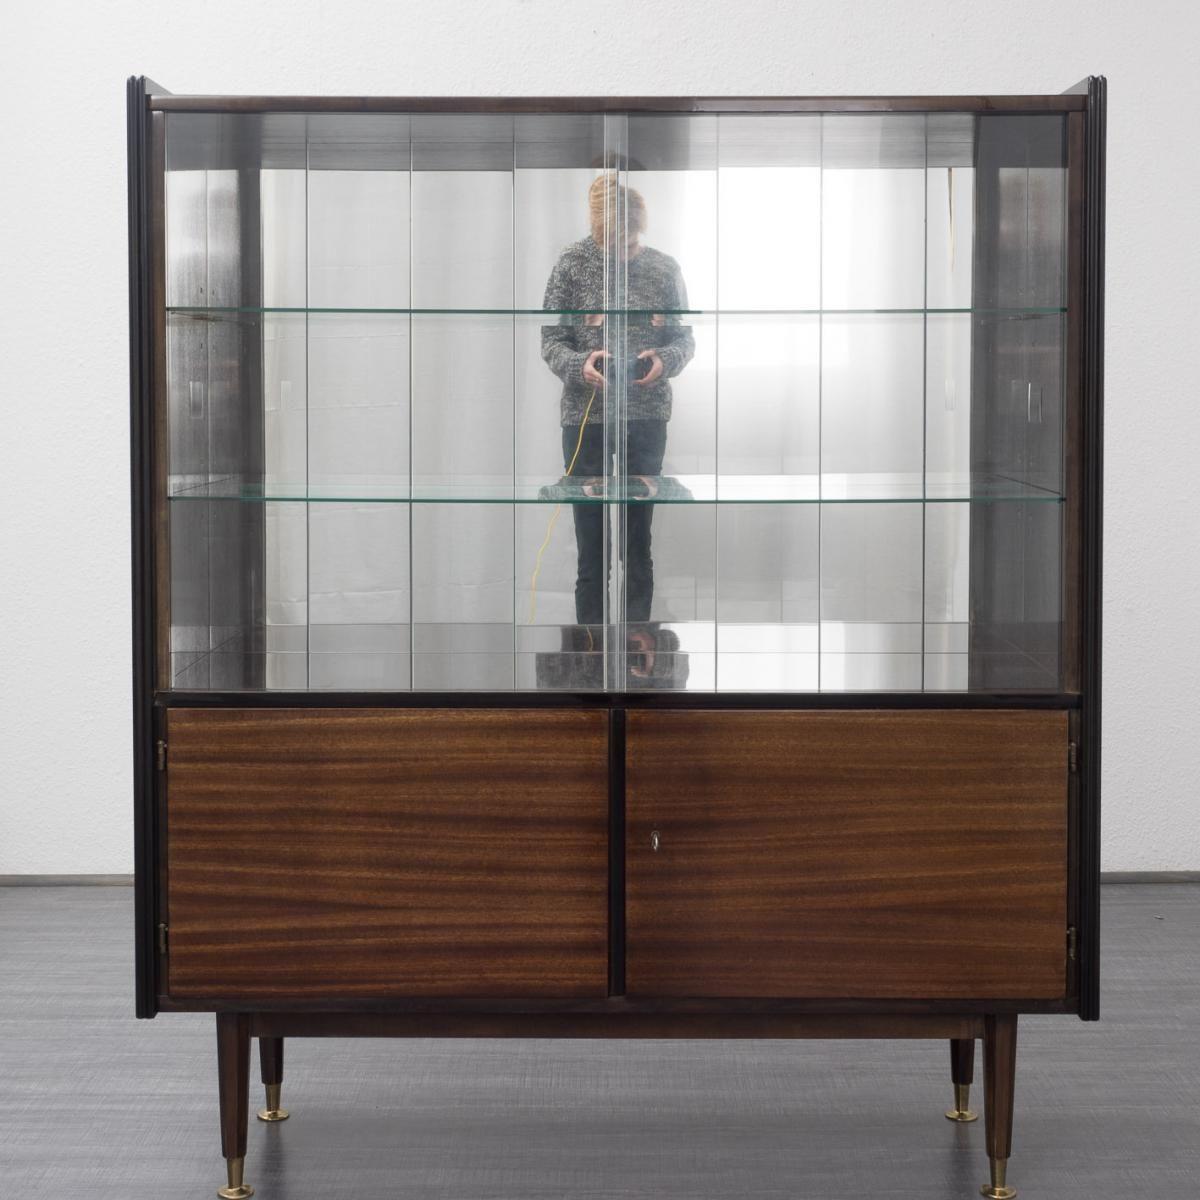 Hochglanz Mahagoni Schrank Mit Glasturen 2 Schrank Mit Glasturen